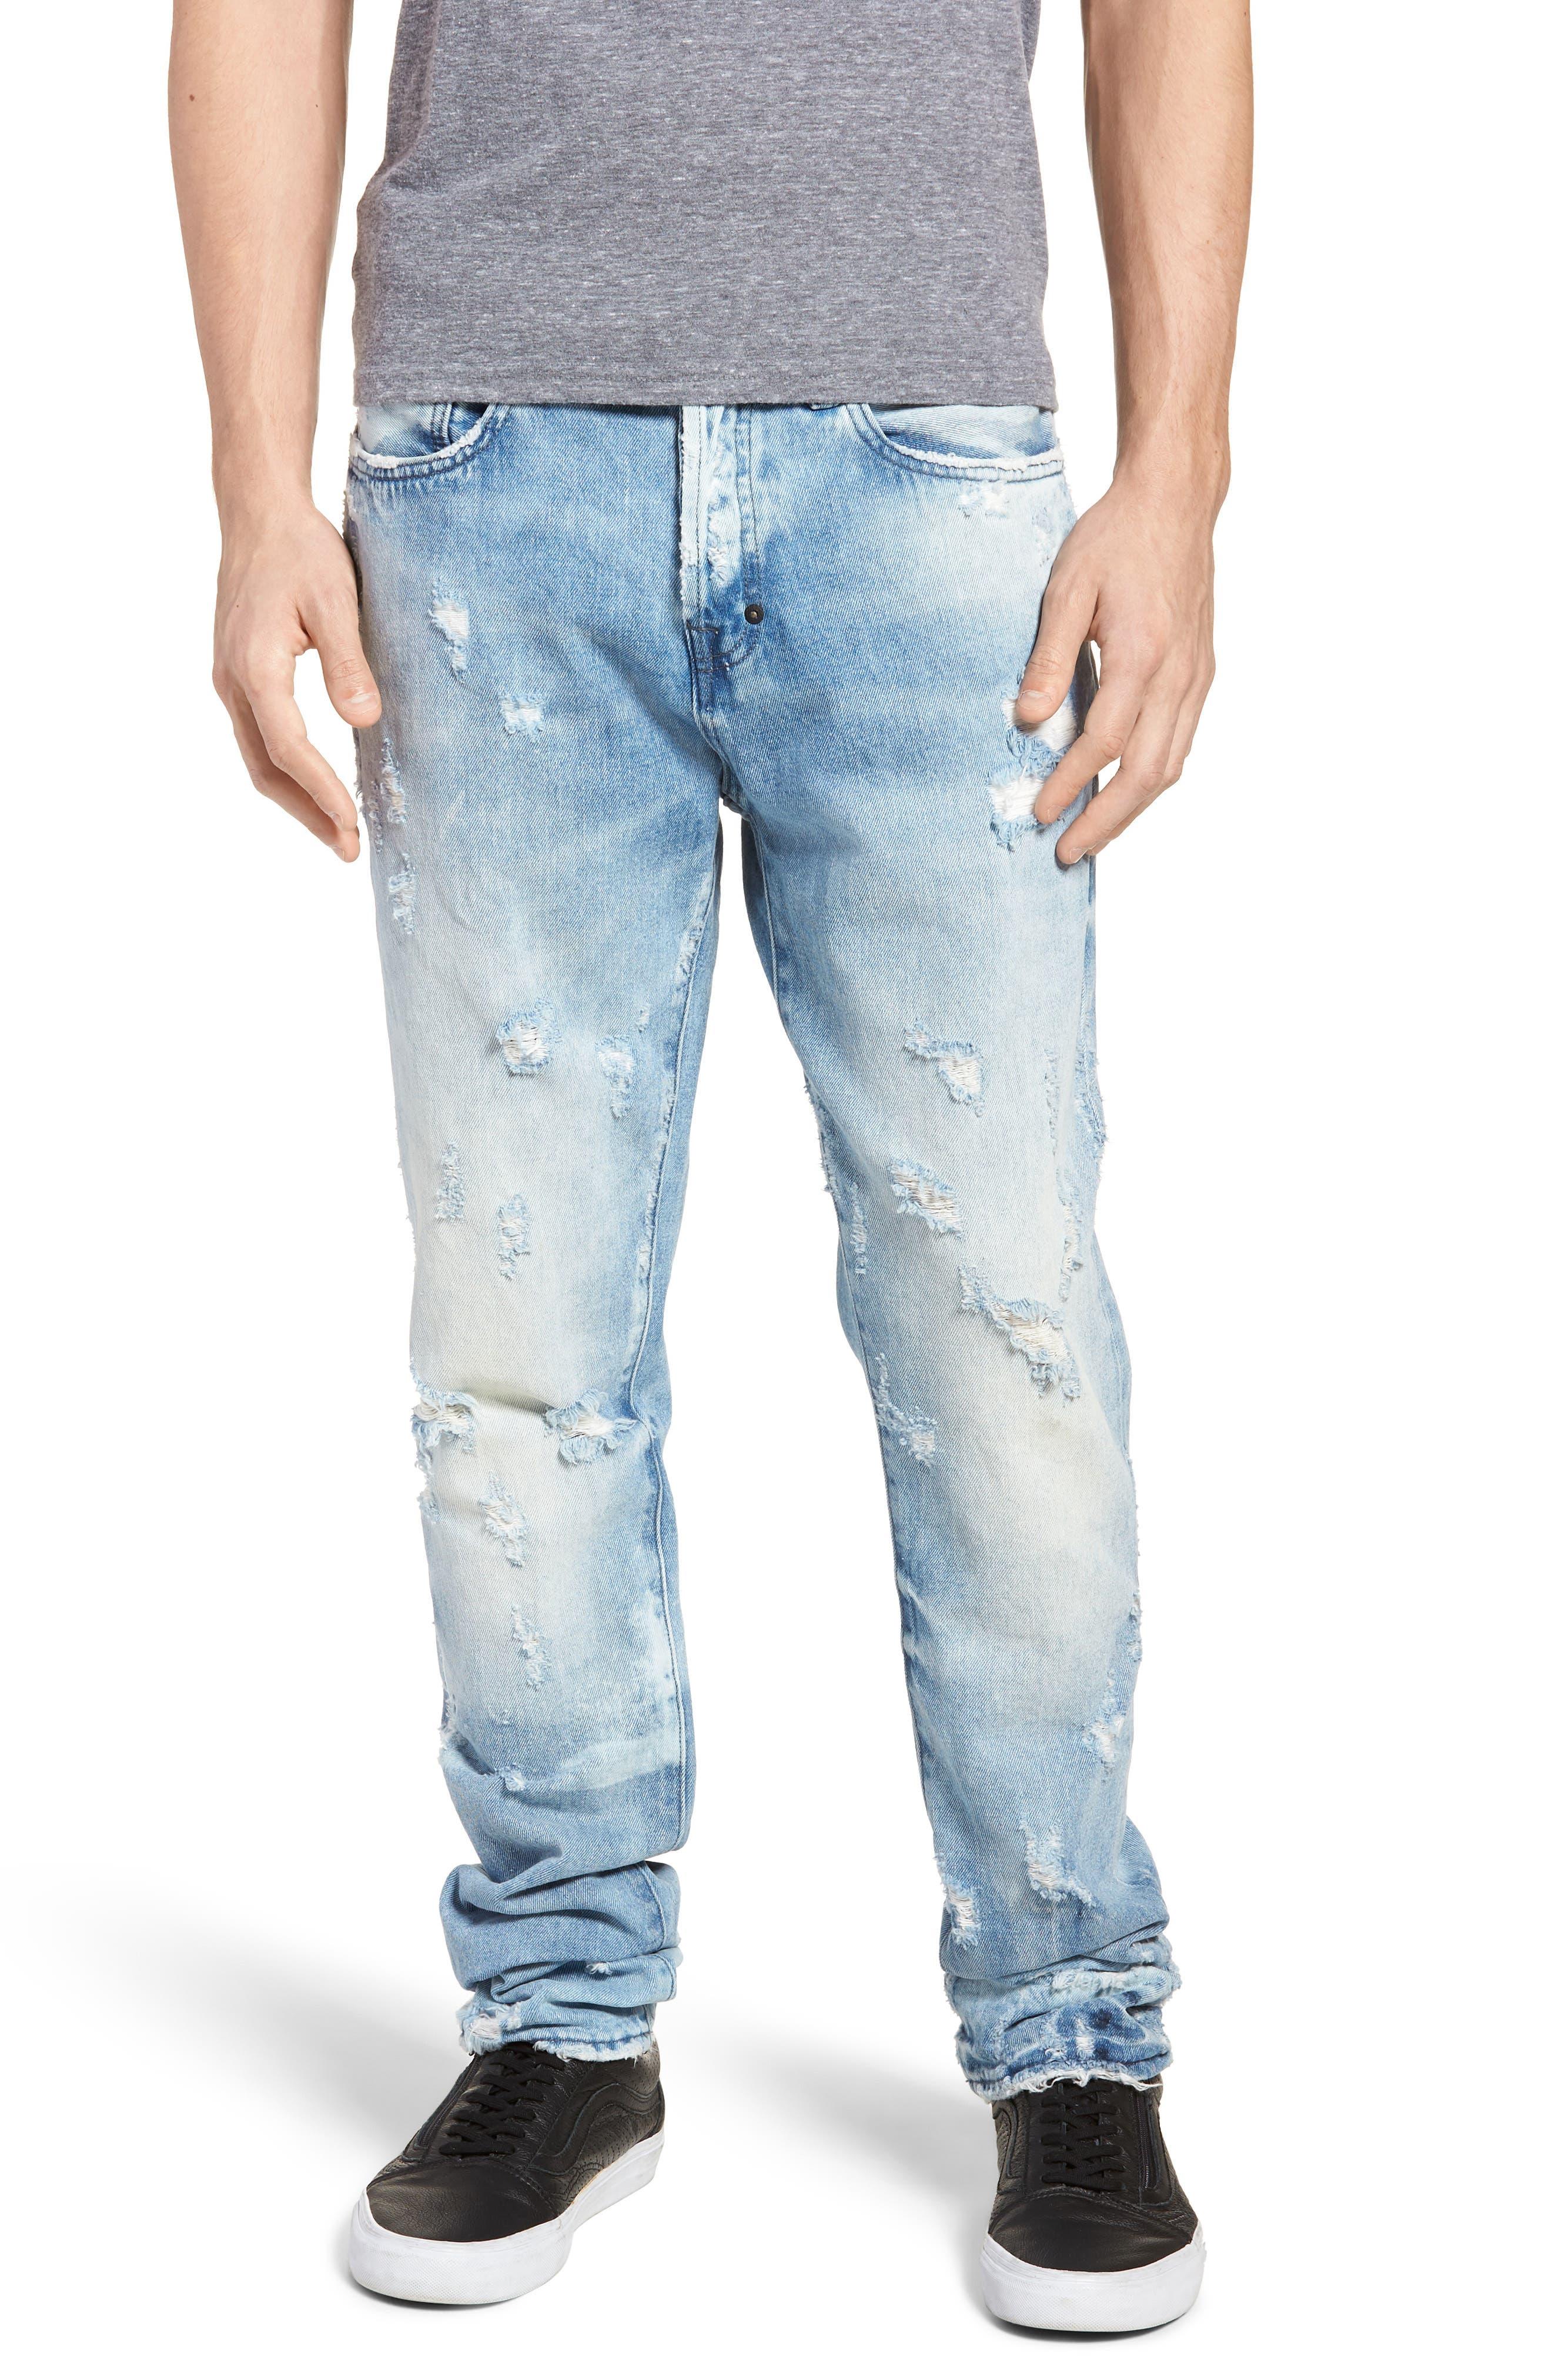 Le Sabre Slim Fit Jeans,                             Main thumbnail 1, color,                             454